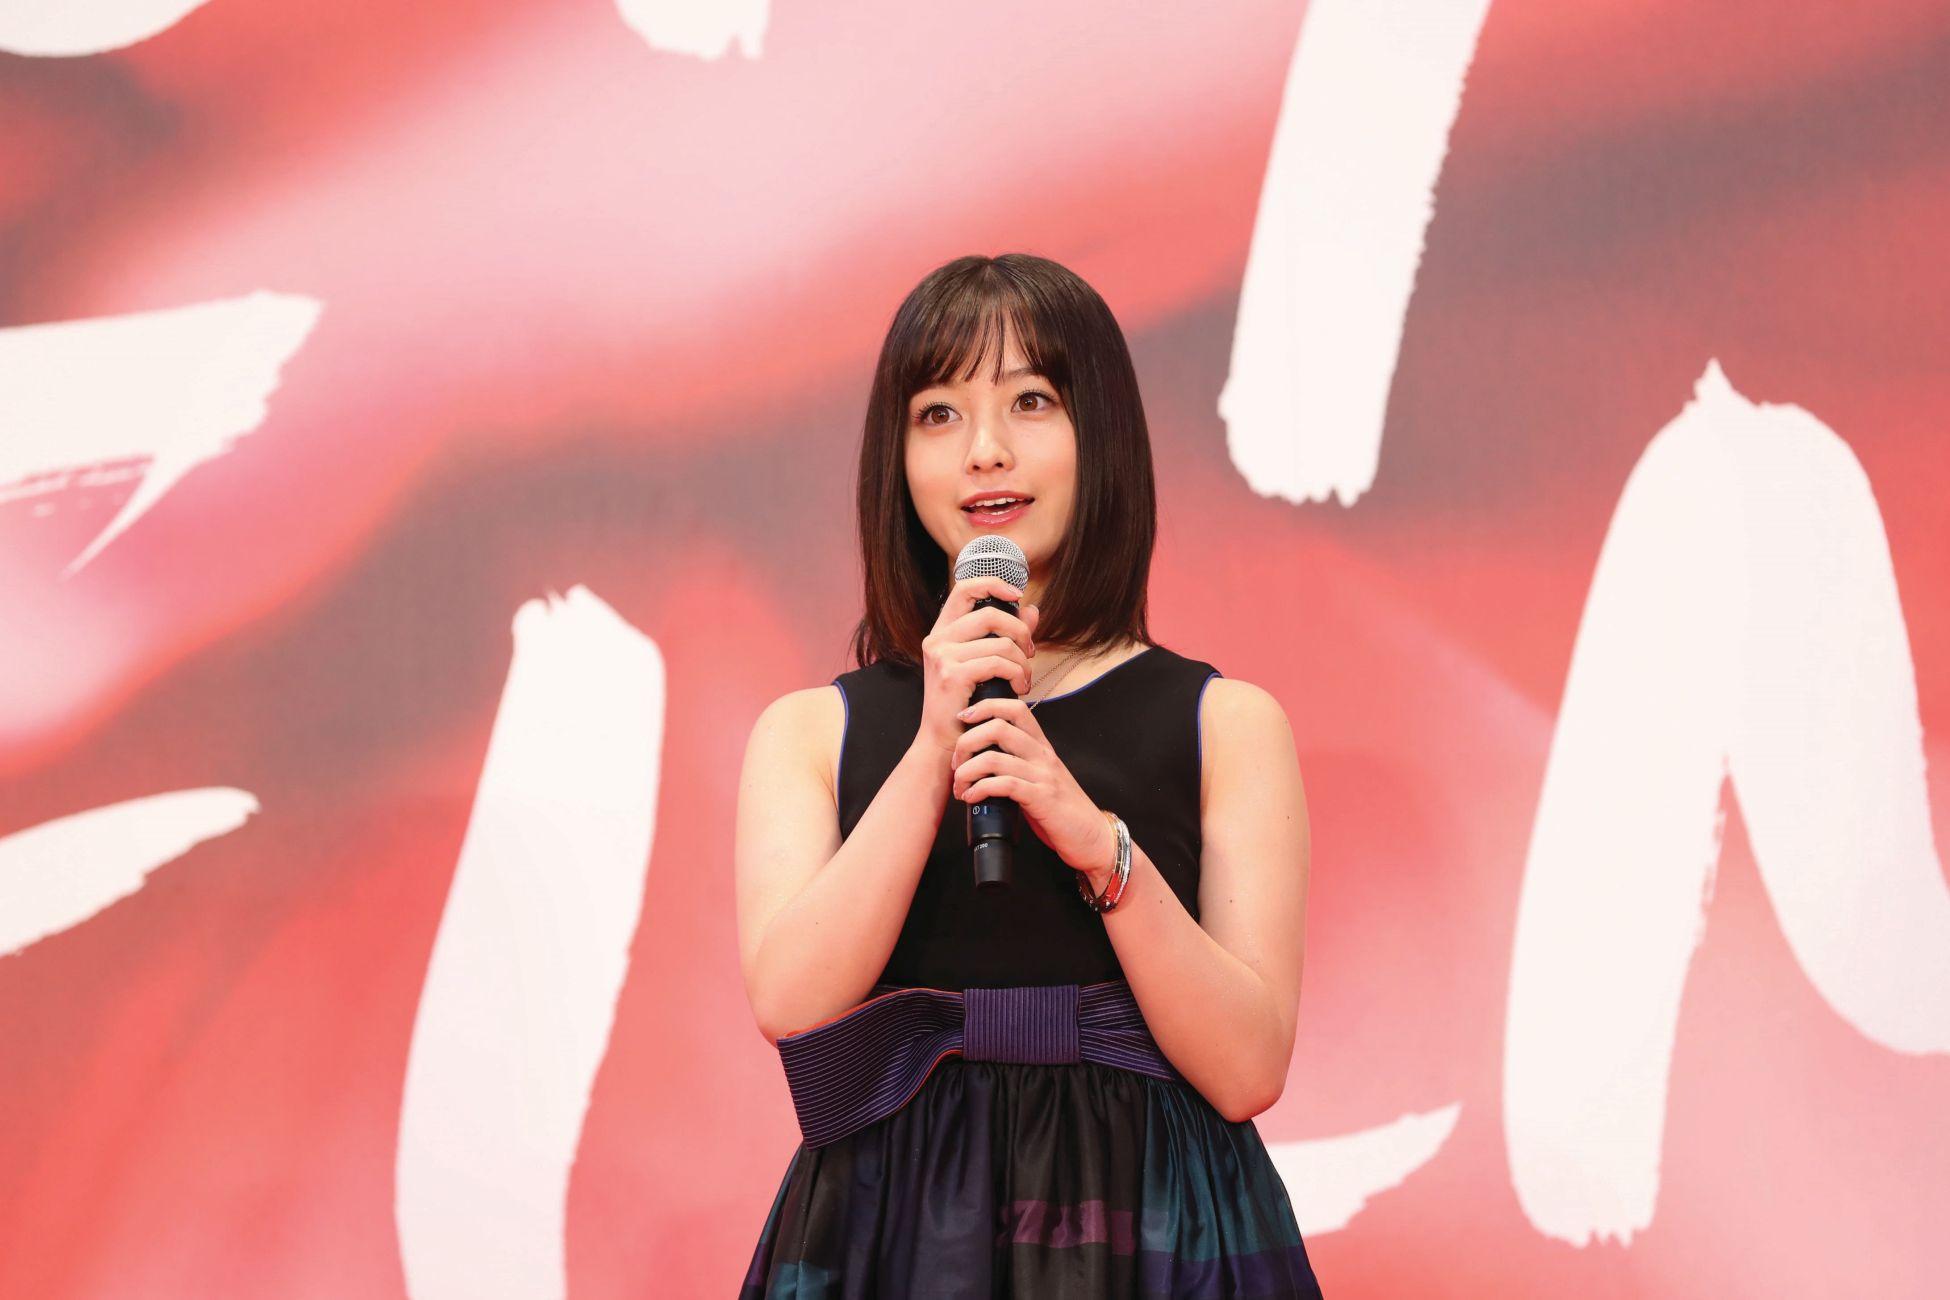 Kanna Hashimoto (c)2017 TIFF